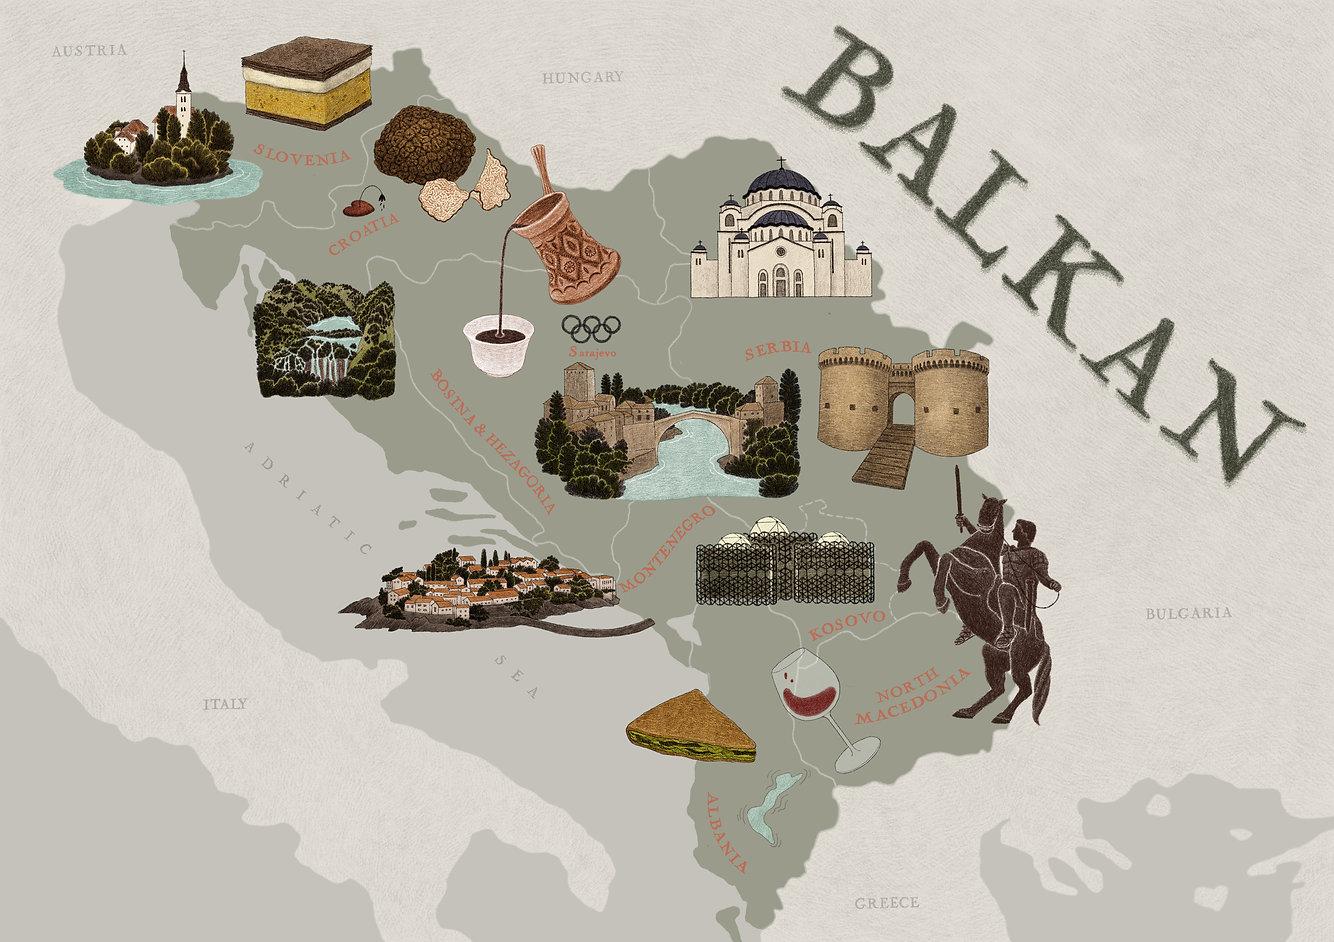 Balkan map without logo.jpg